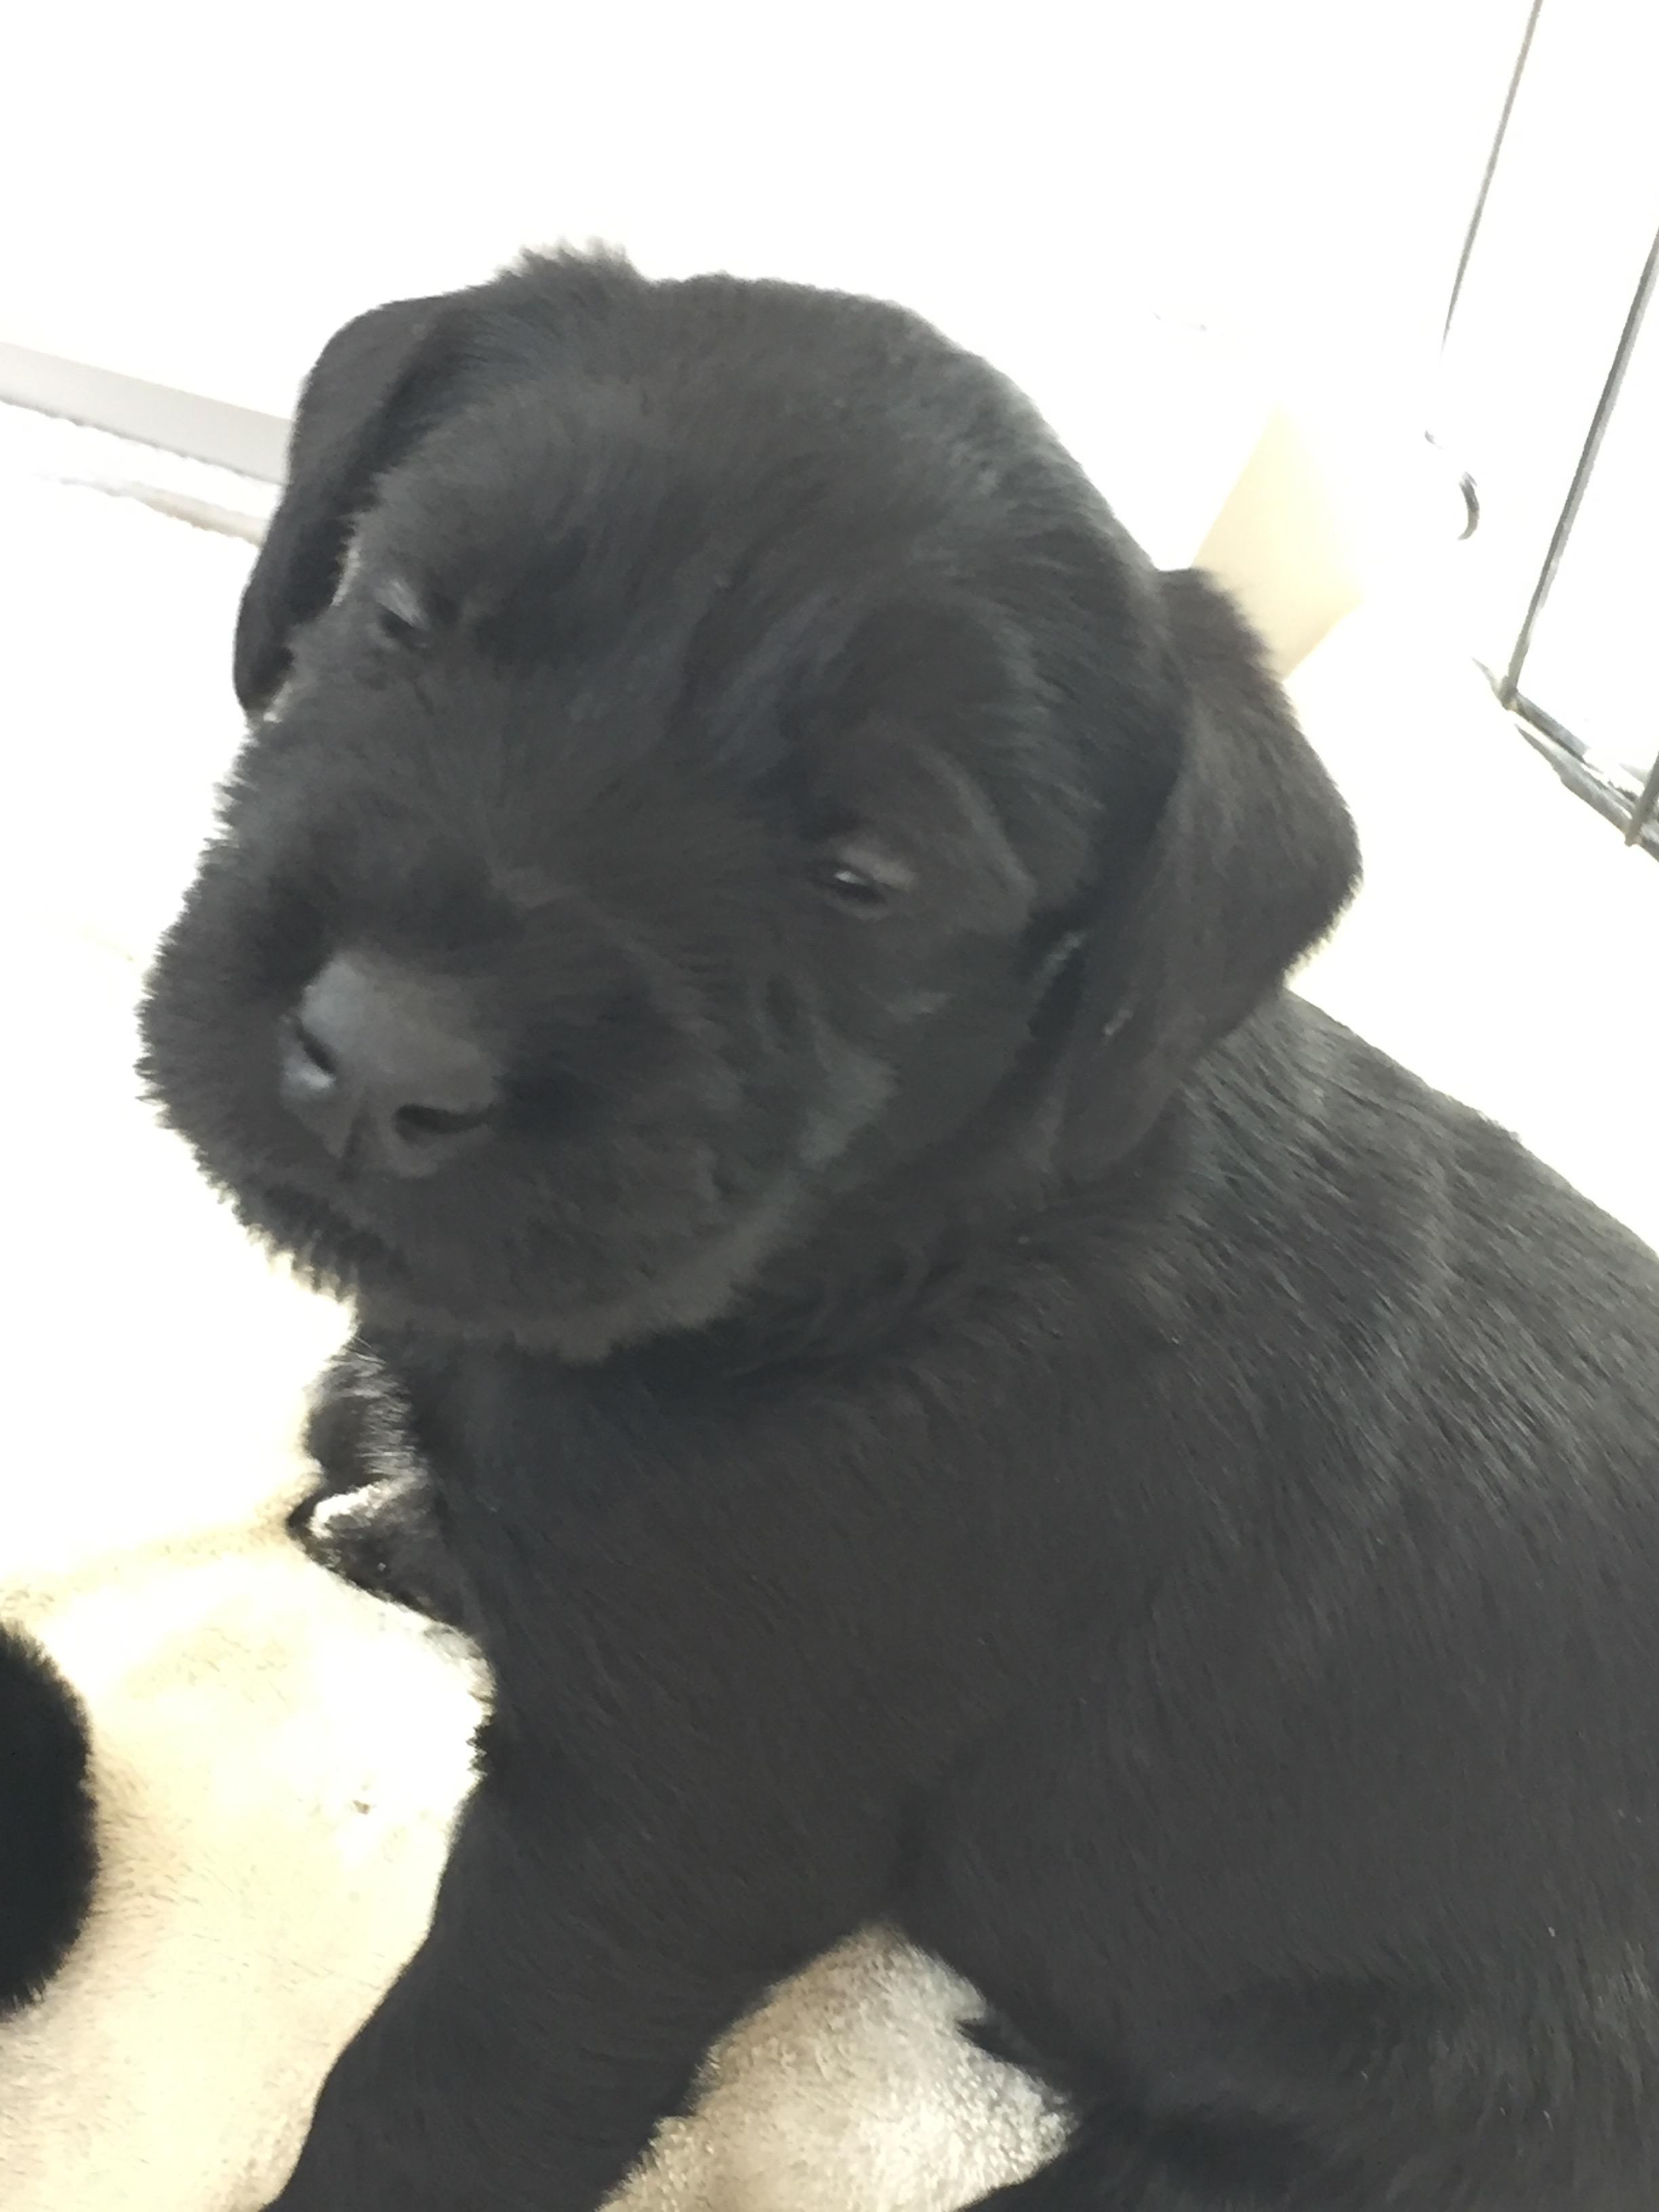 https://0201.nccdn.net/1_2/000/000/119/04c/Puppy-5.jpg